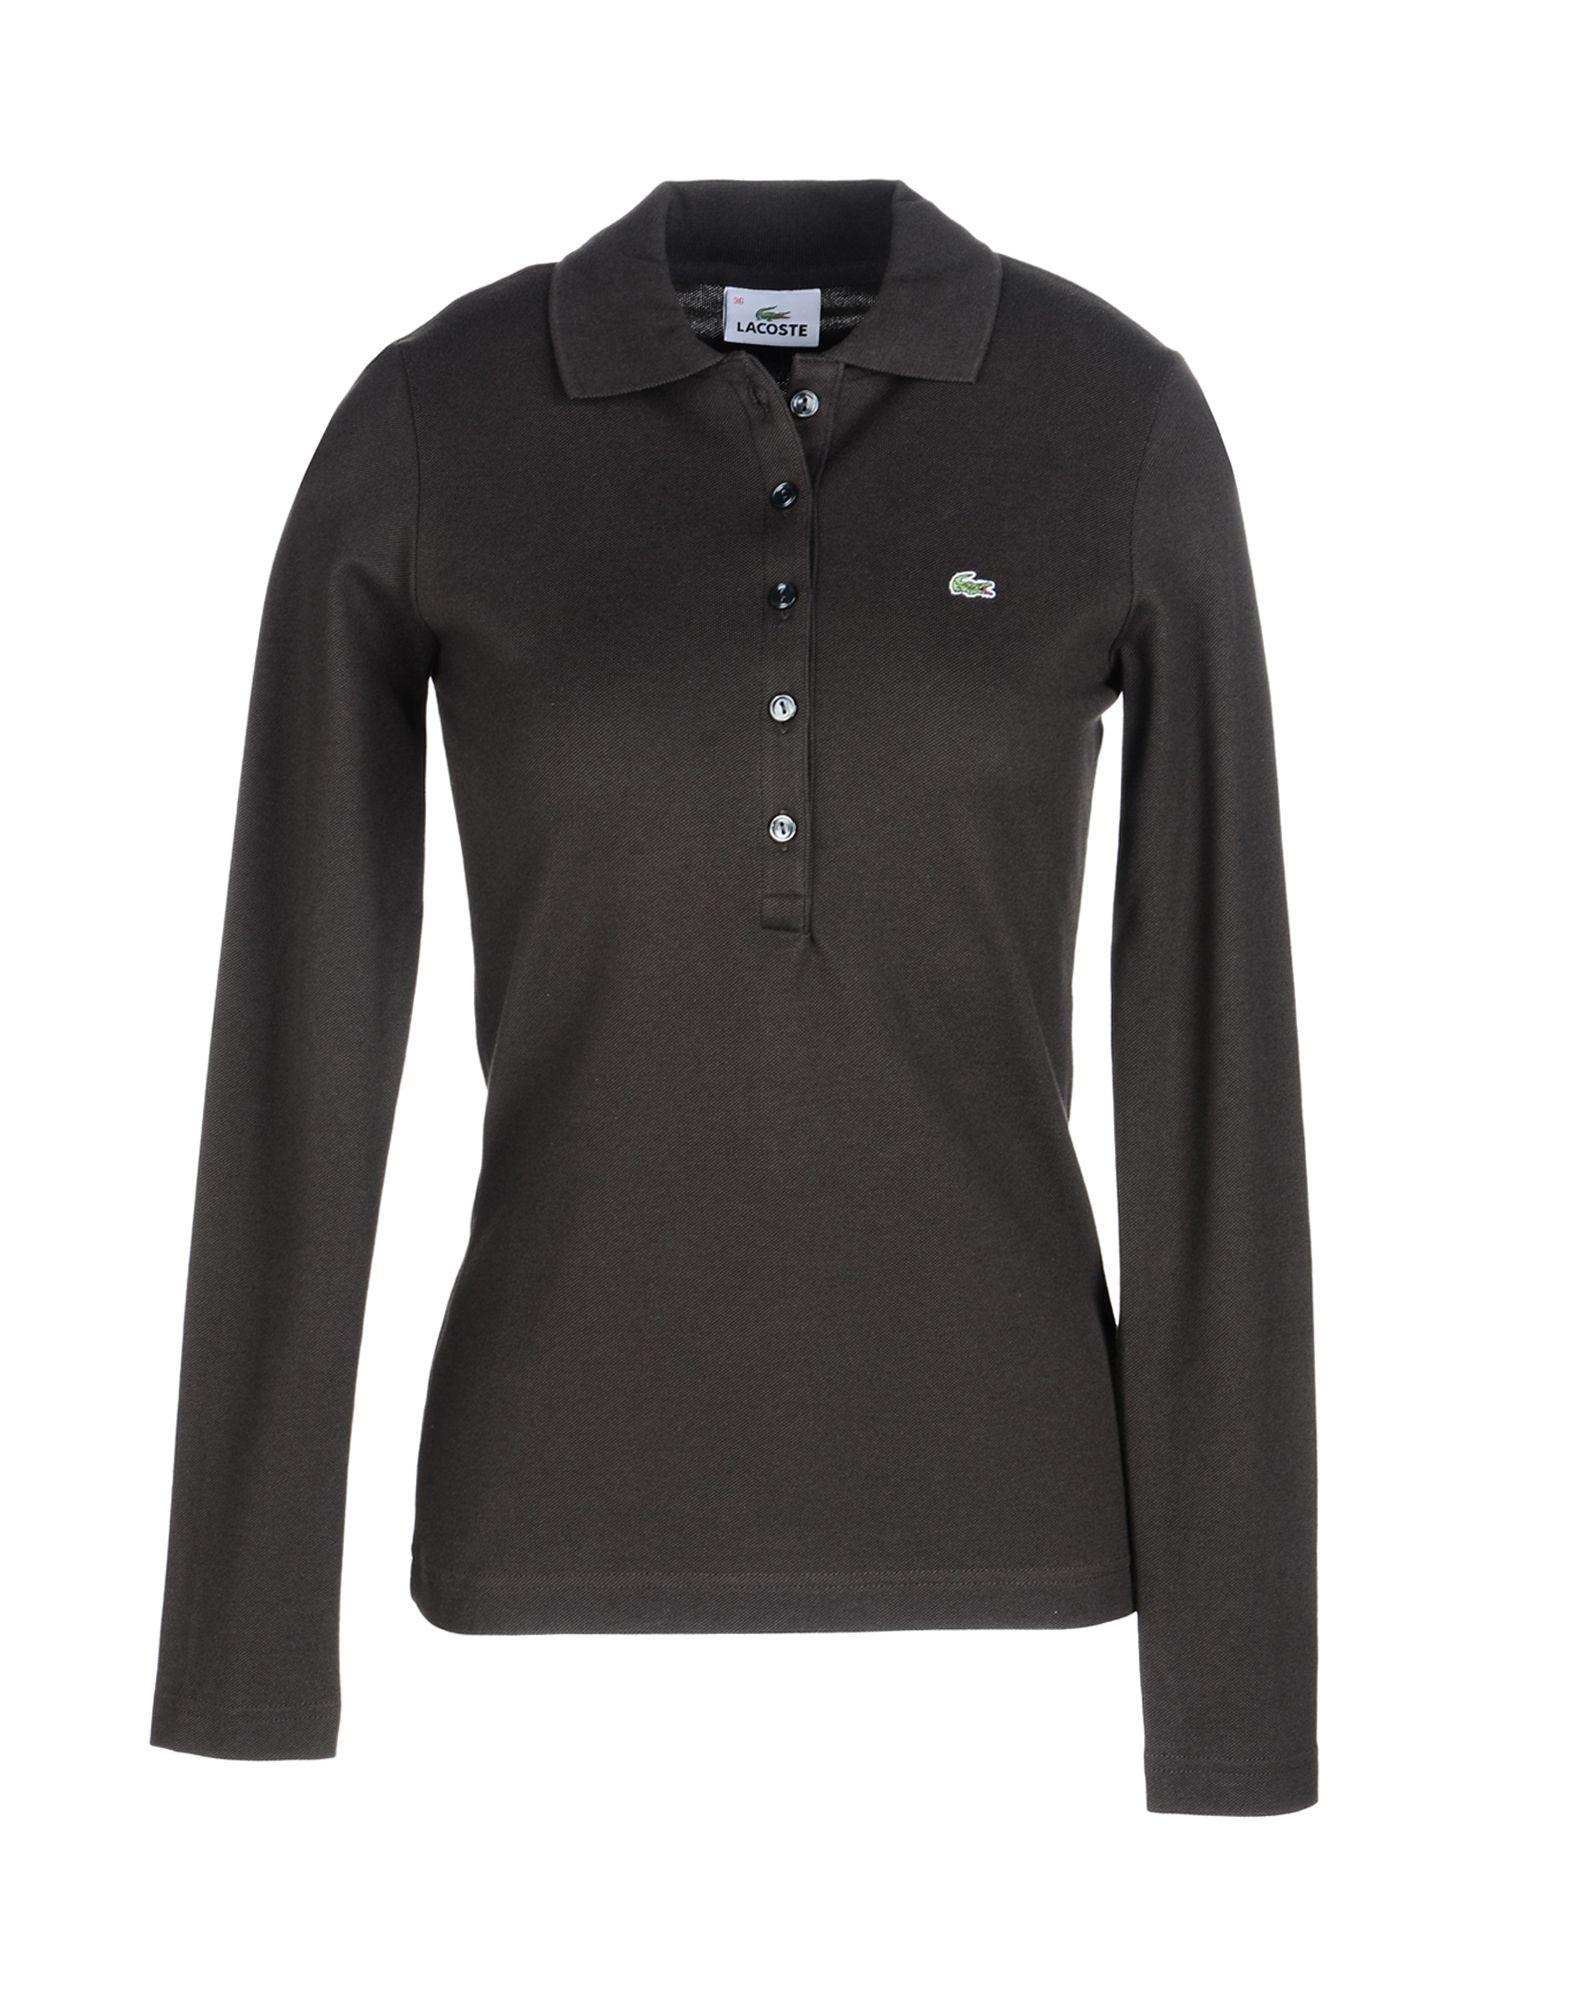 《送料無料》LACOSTE レディース ポロシャツ ダークブラウン 40 コットン 94% / ポリウレタン 6%